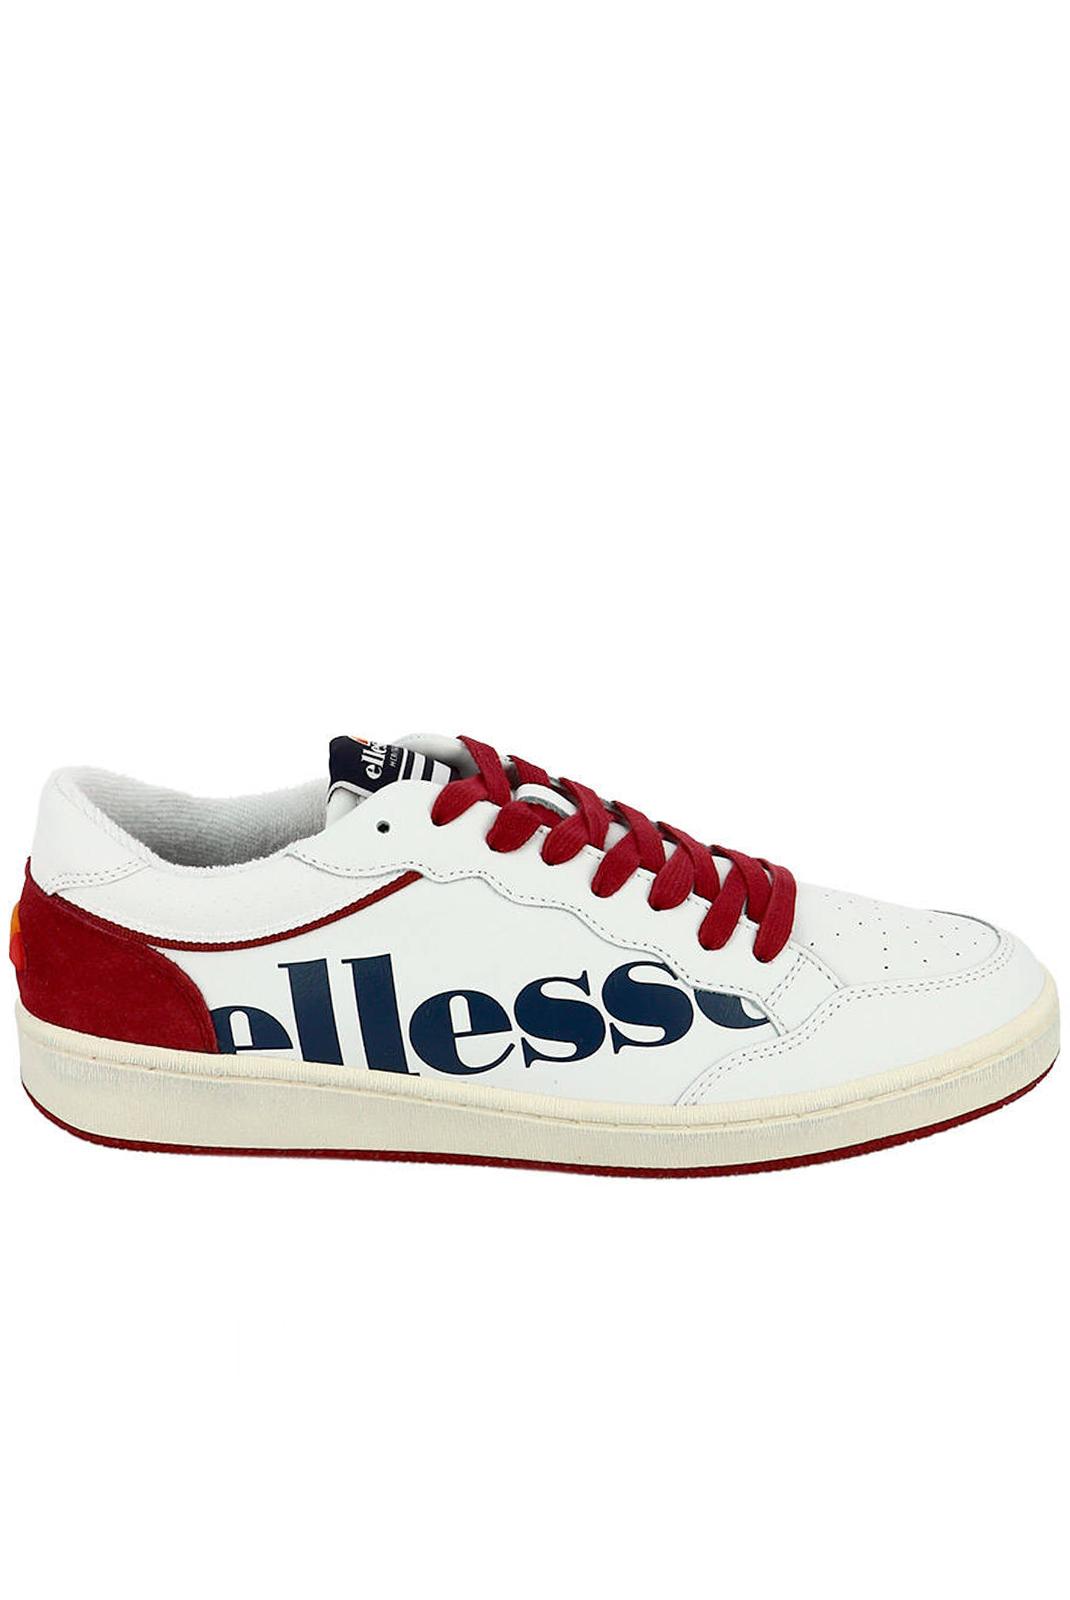 Baskets / Sneakers  Ellesse EL91504 F 02 WHITE RED